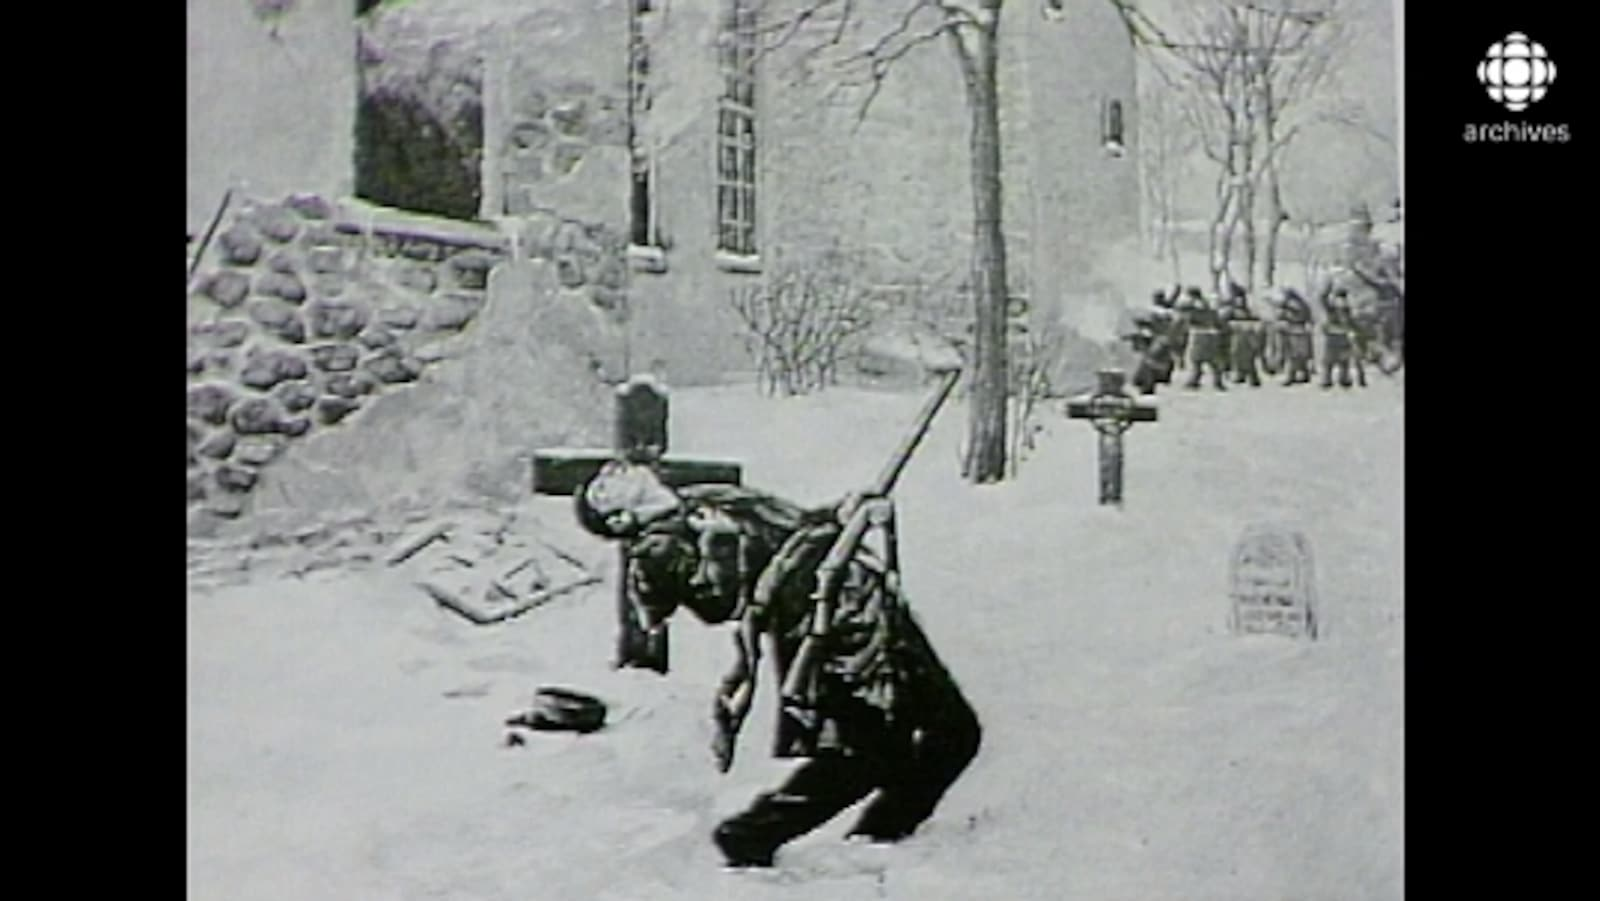 Le patriote en train de mourir sur le champ de bataille, devant l'église incendiée.